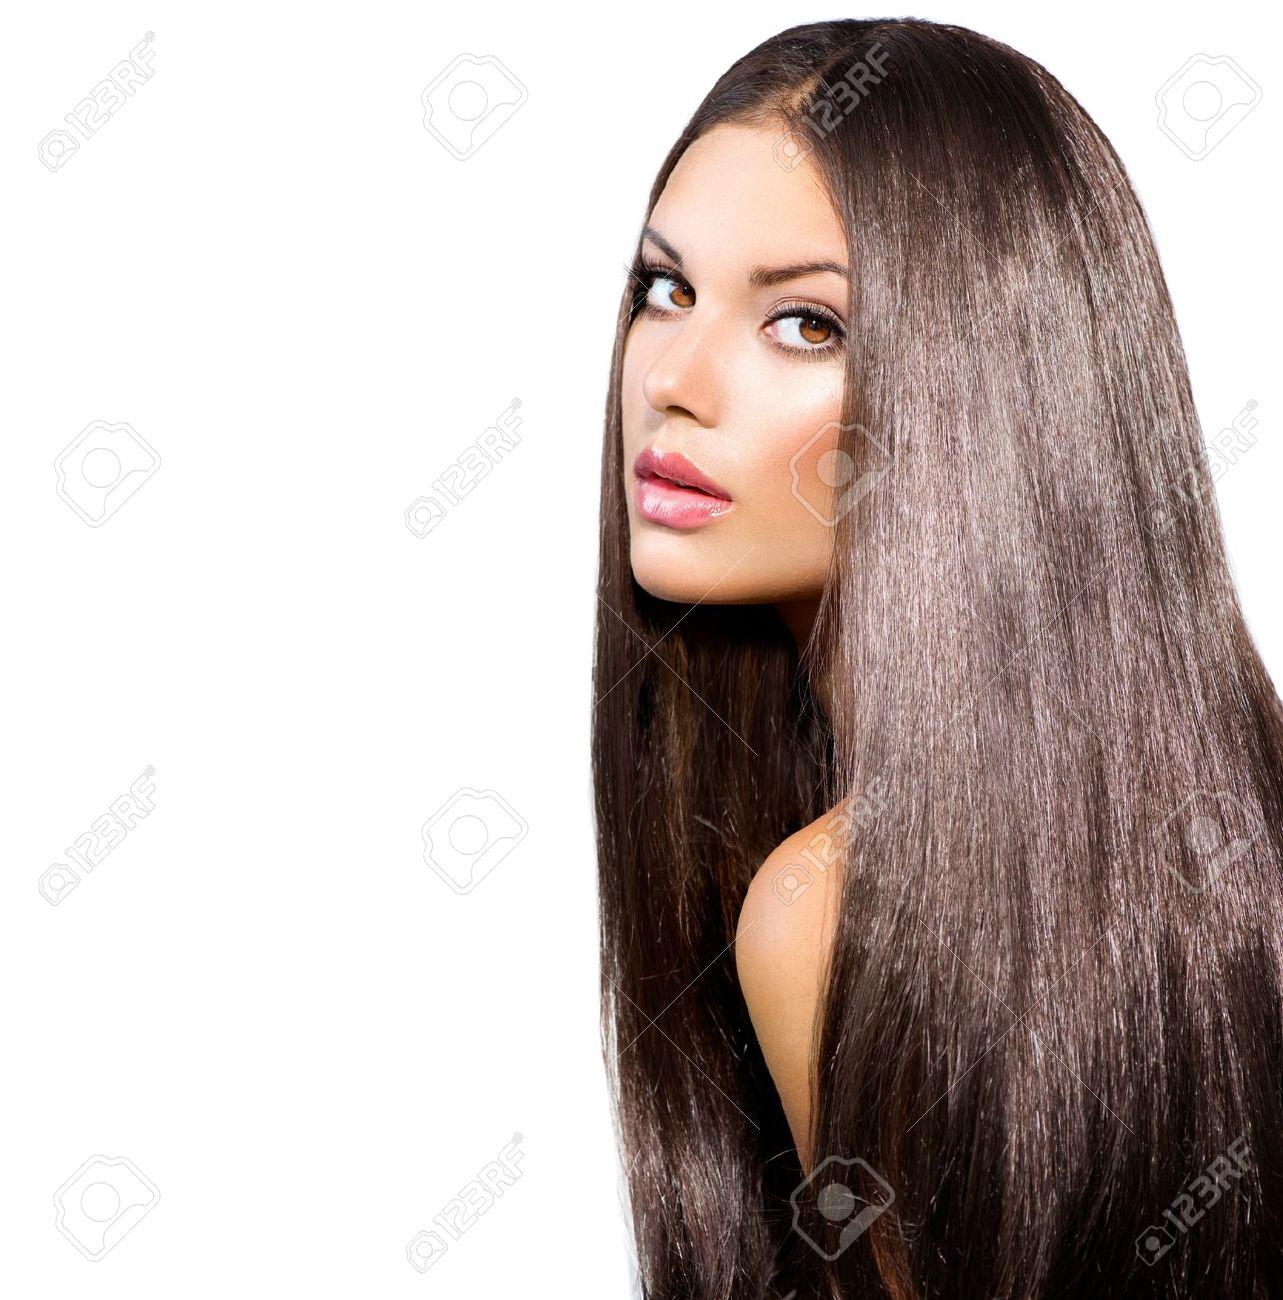 Long Healthy Straight Hair  Model Brunette Girl Portrait Stock Photo - 21563979